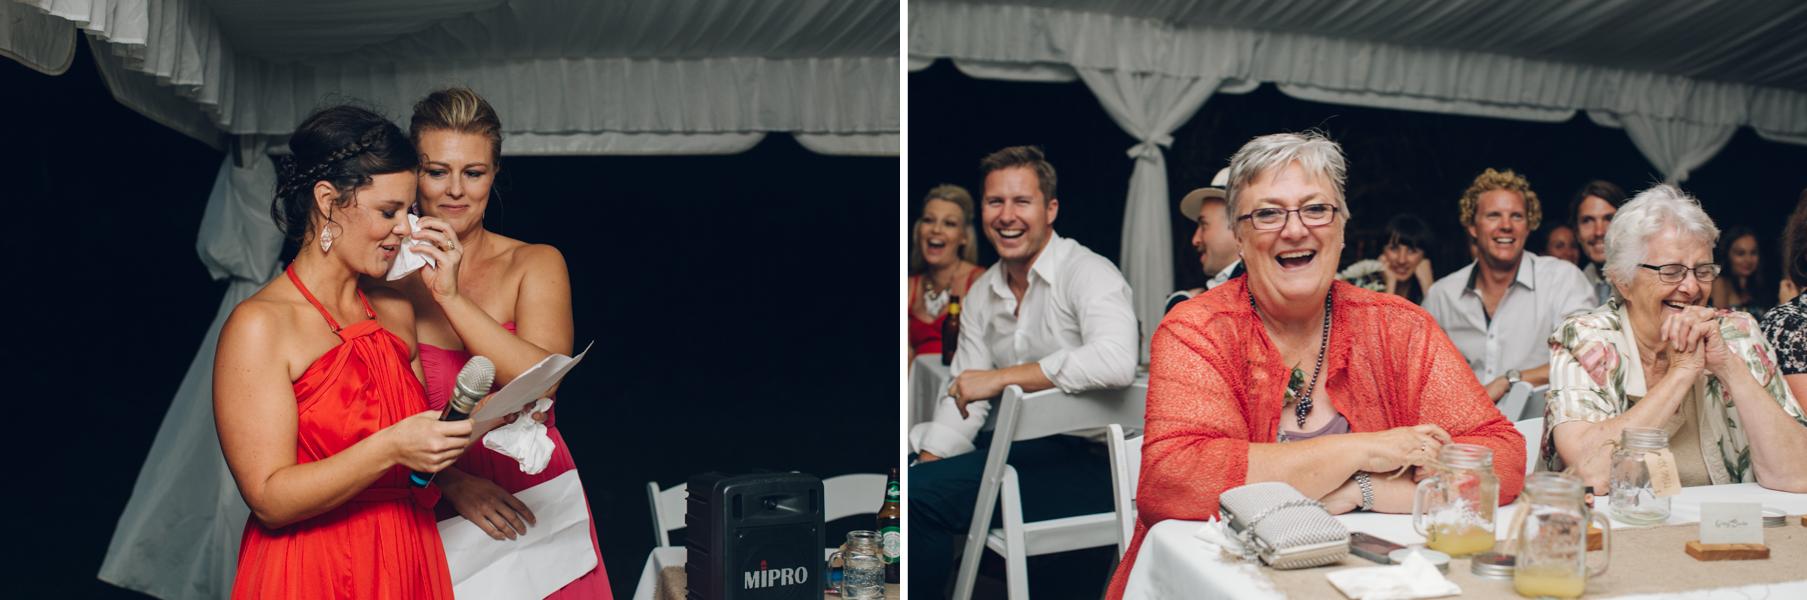 Erin & Craig Byron Bay Wedding Photography 38.jpg